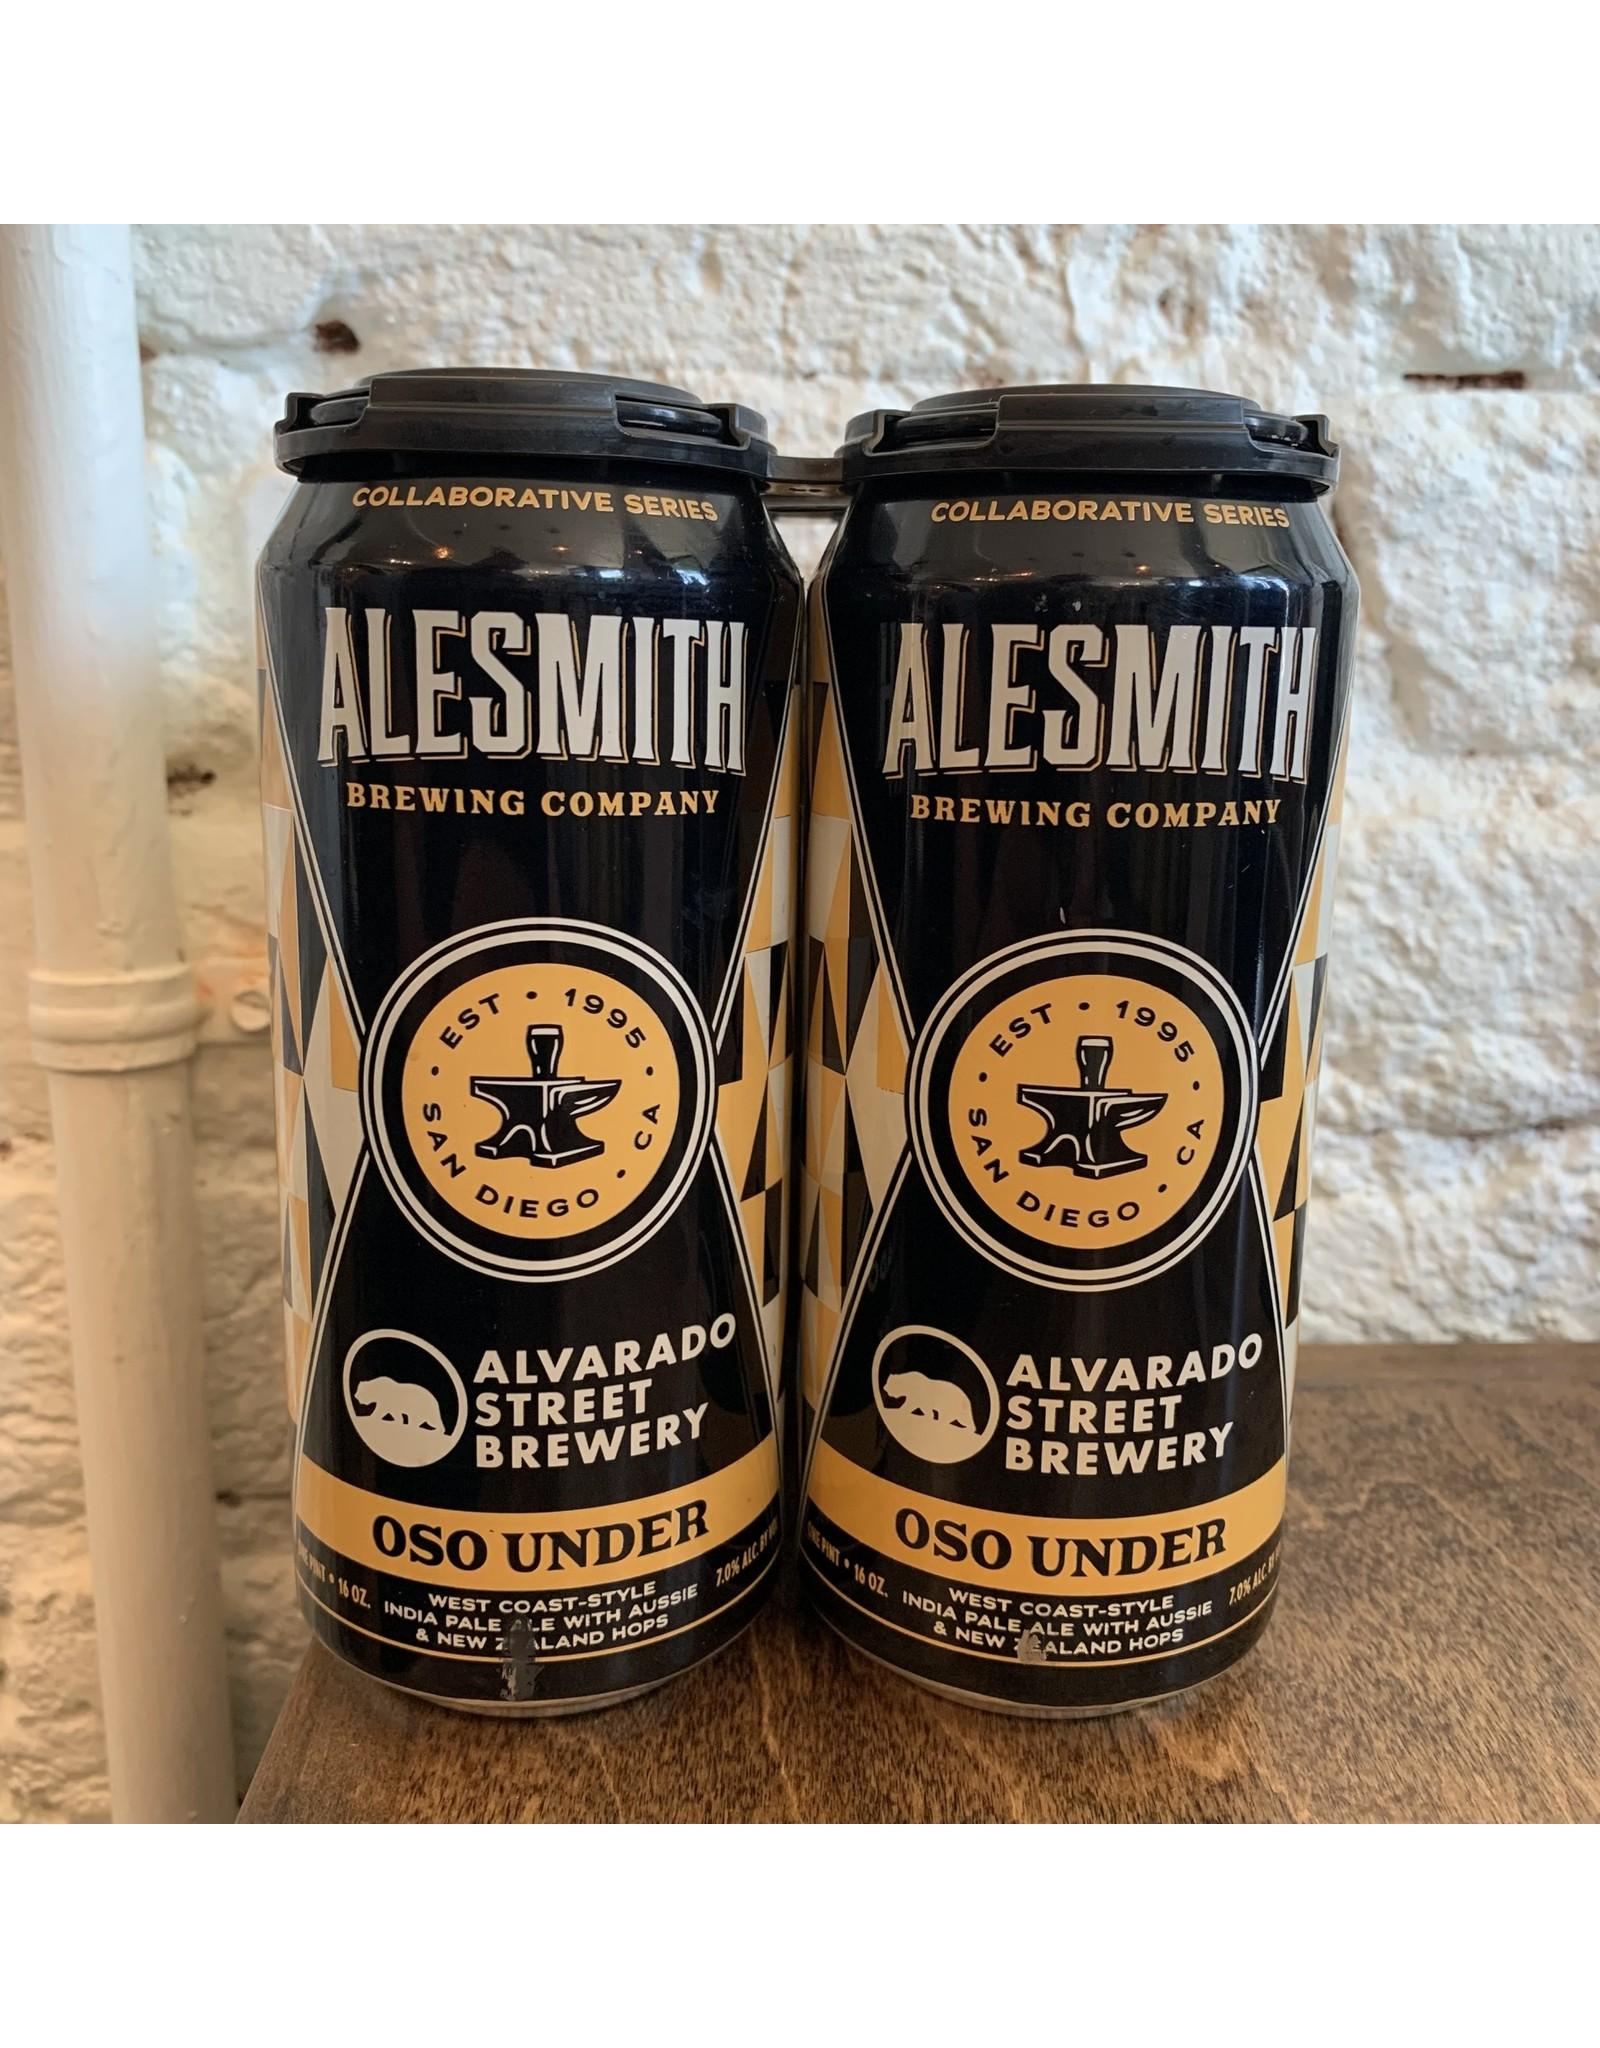 Alesmith Alesmith, Oso Under Collaborative Series, IPA